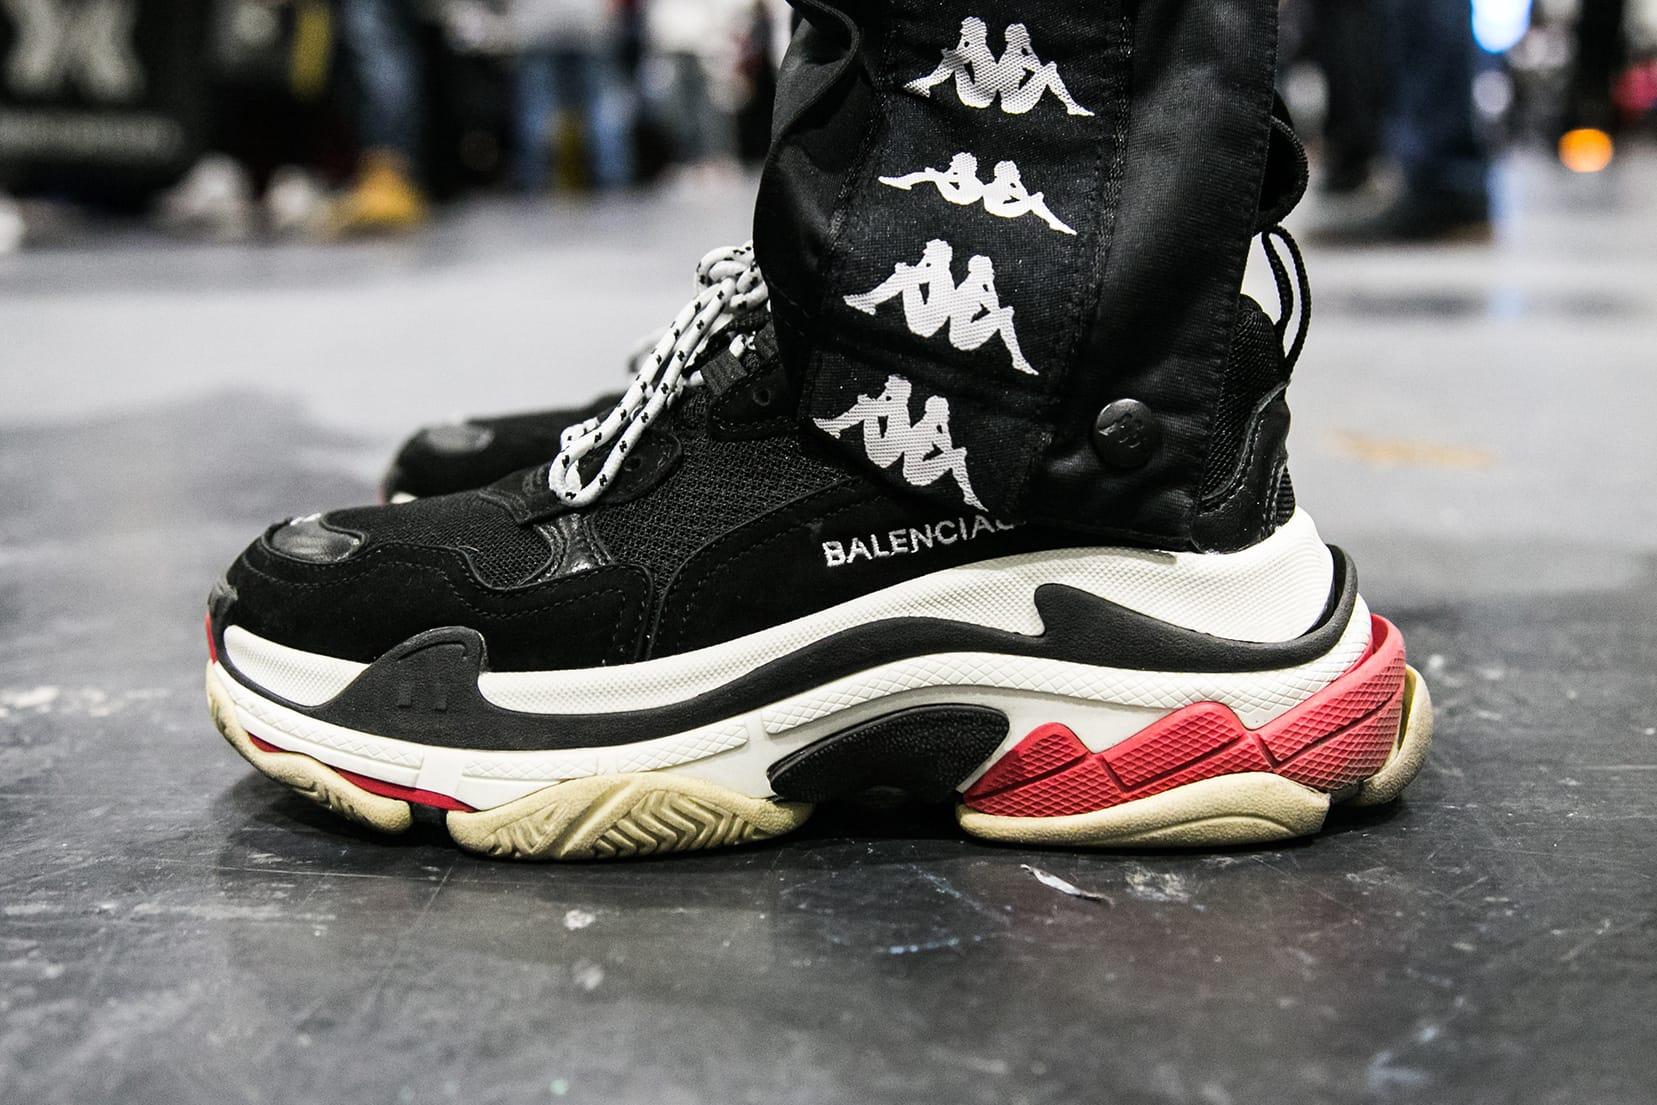 Sneaker Con London Best On-Feet Looks